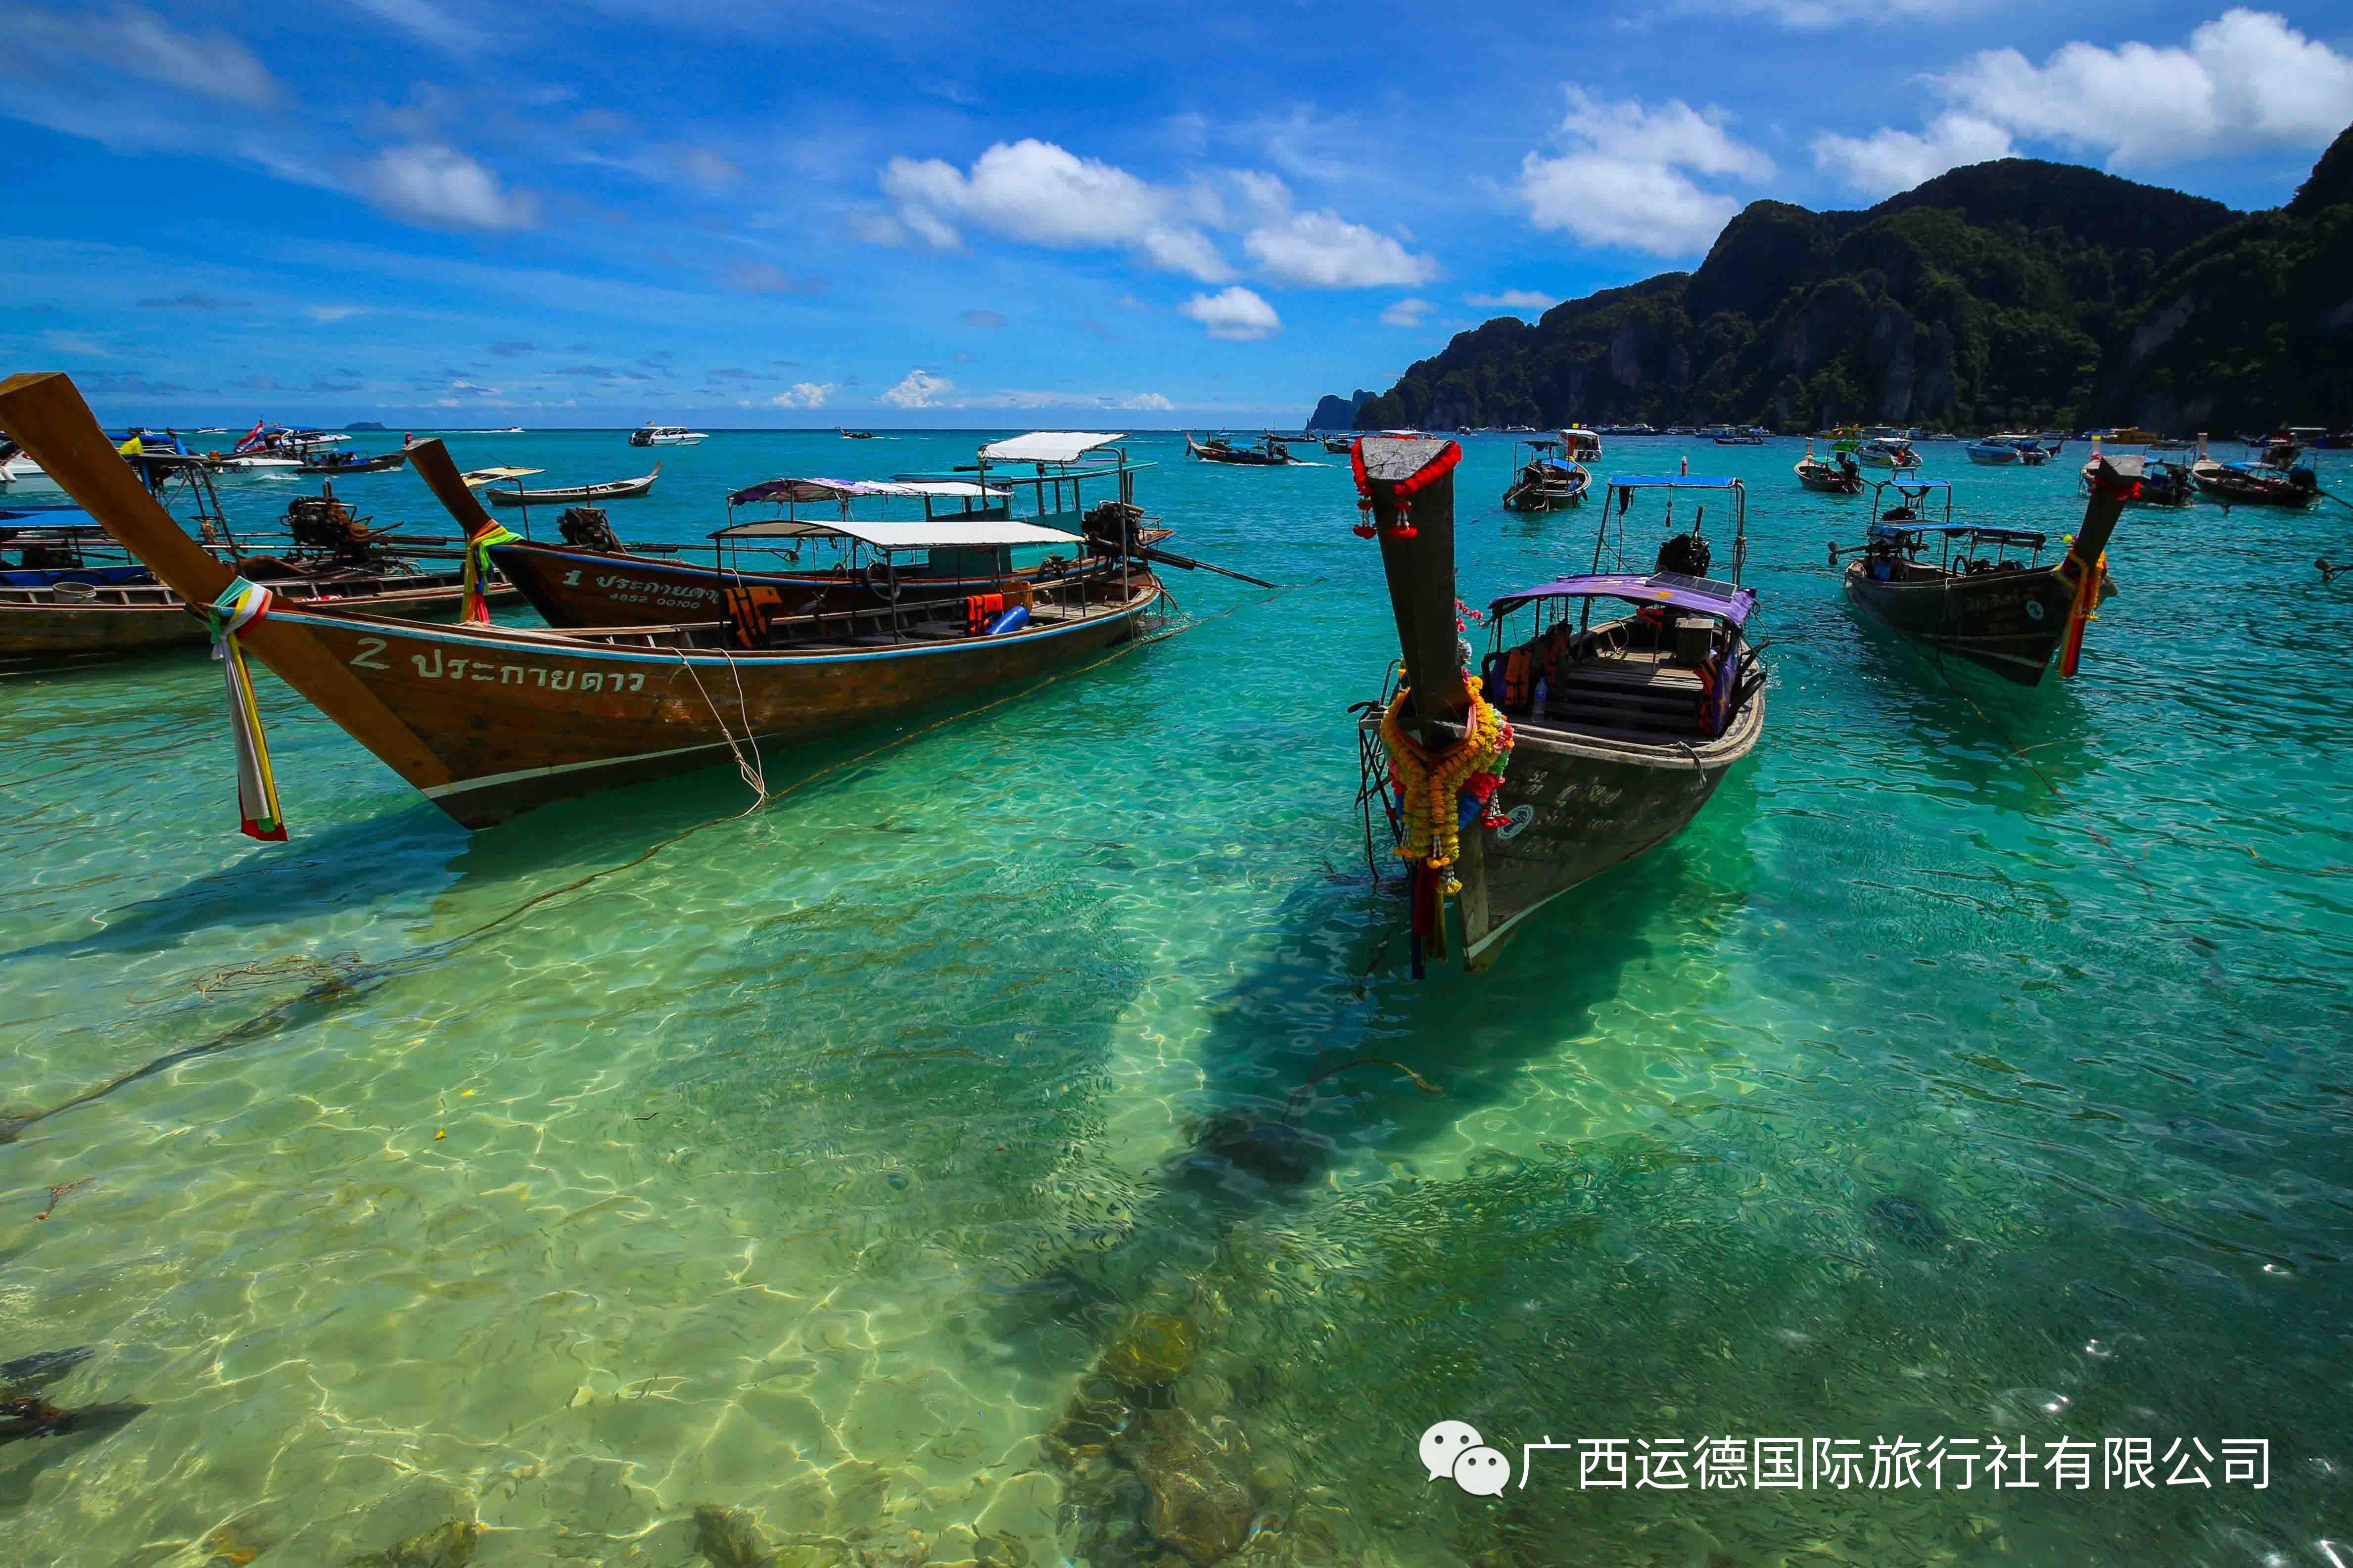 纯美普吉岛,pp岛,皇帝岛,珍珠珊瑚岛六日游¥3680元/人 买一送一!